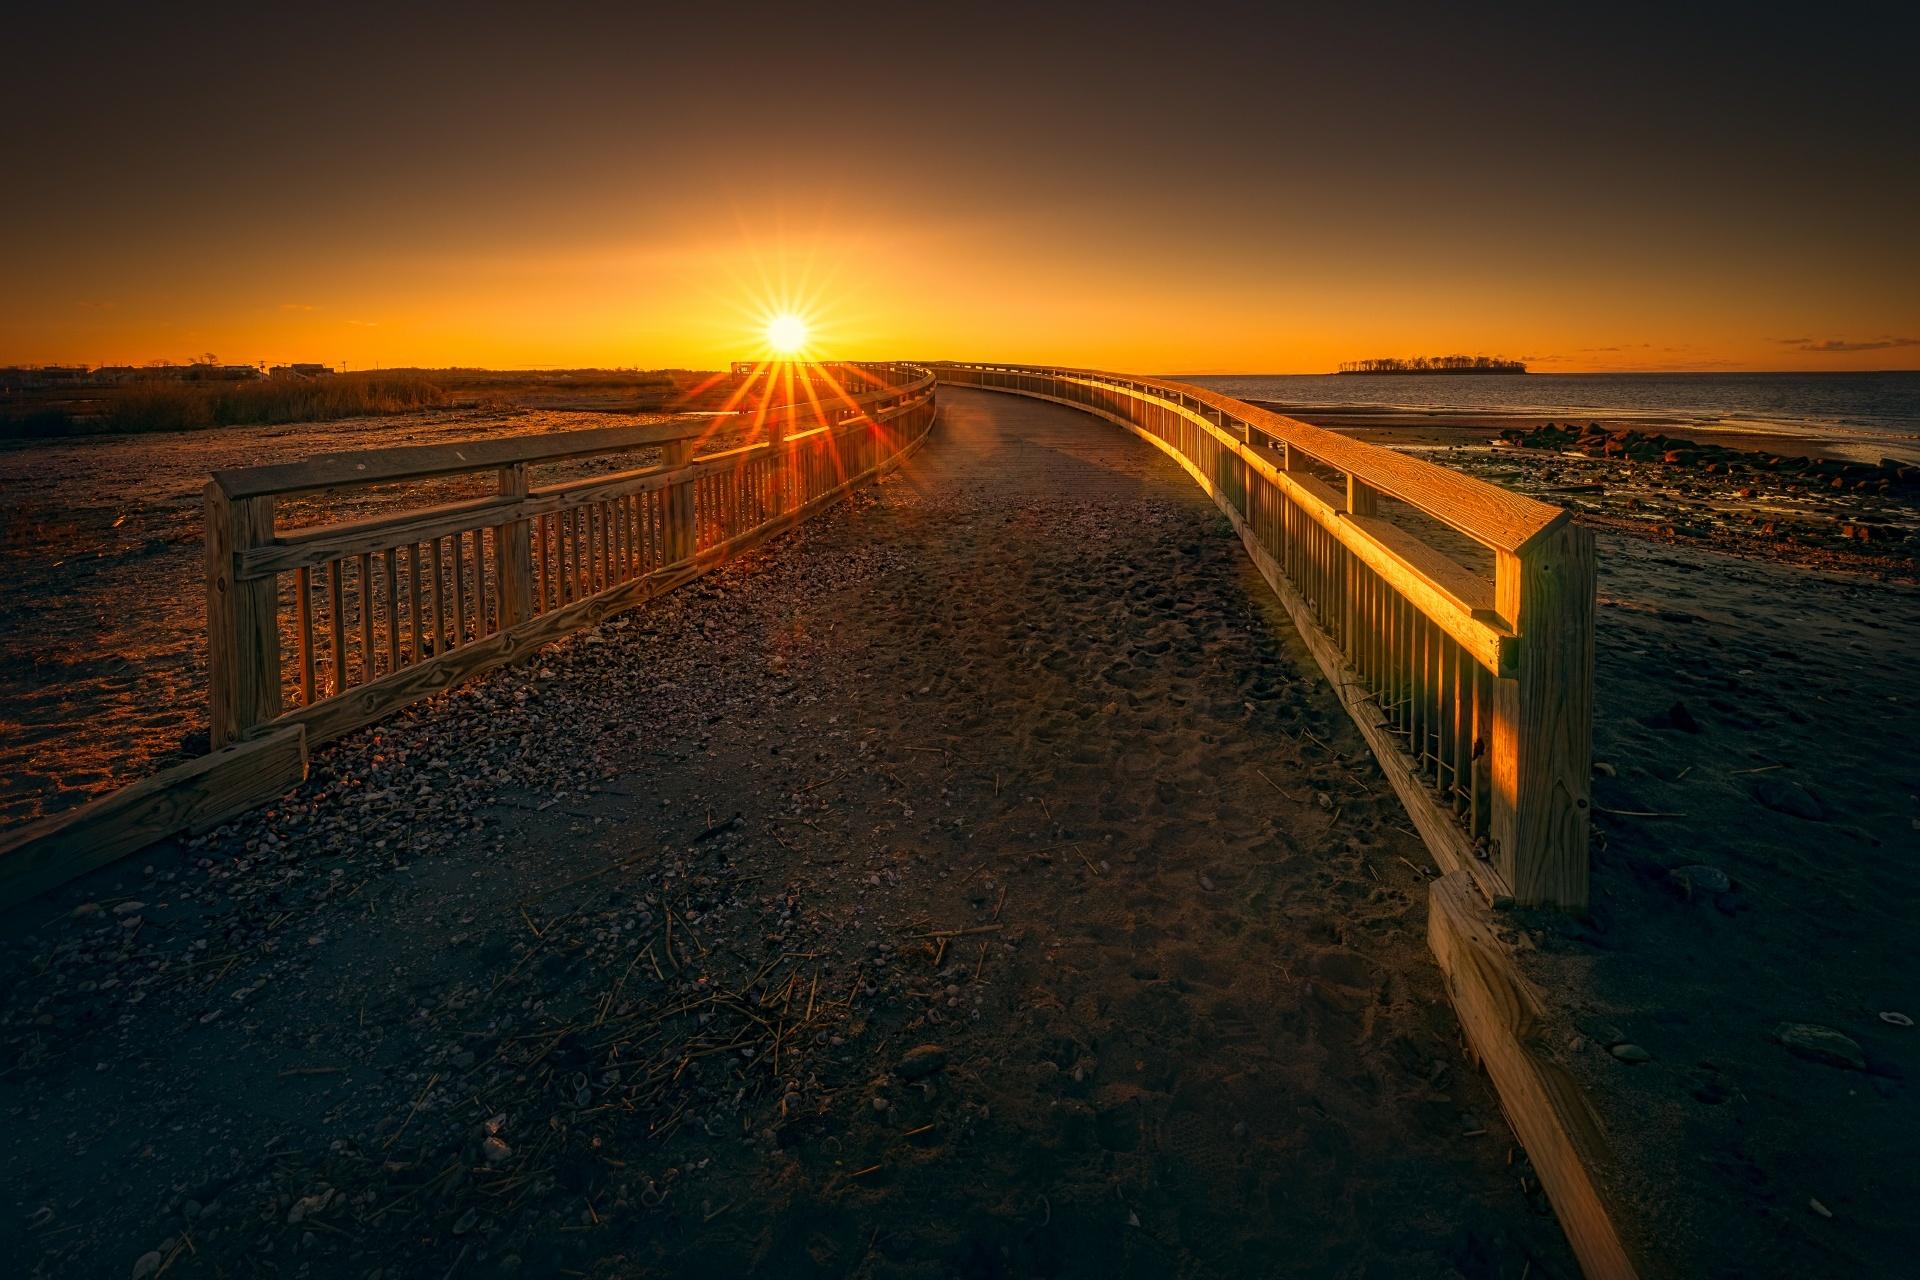 ミルフォードの日の出の風景 アメリカの風景